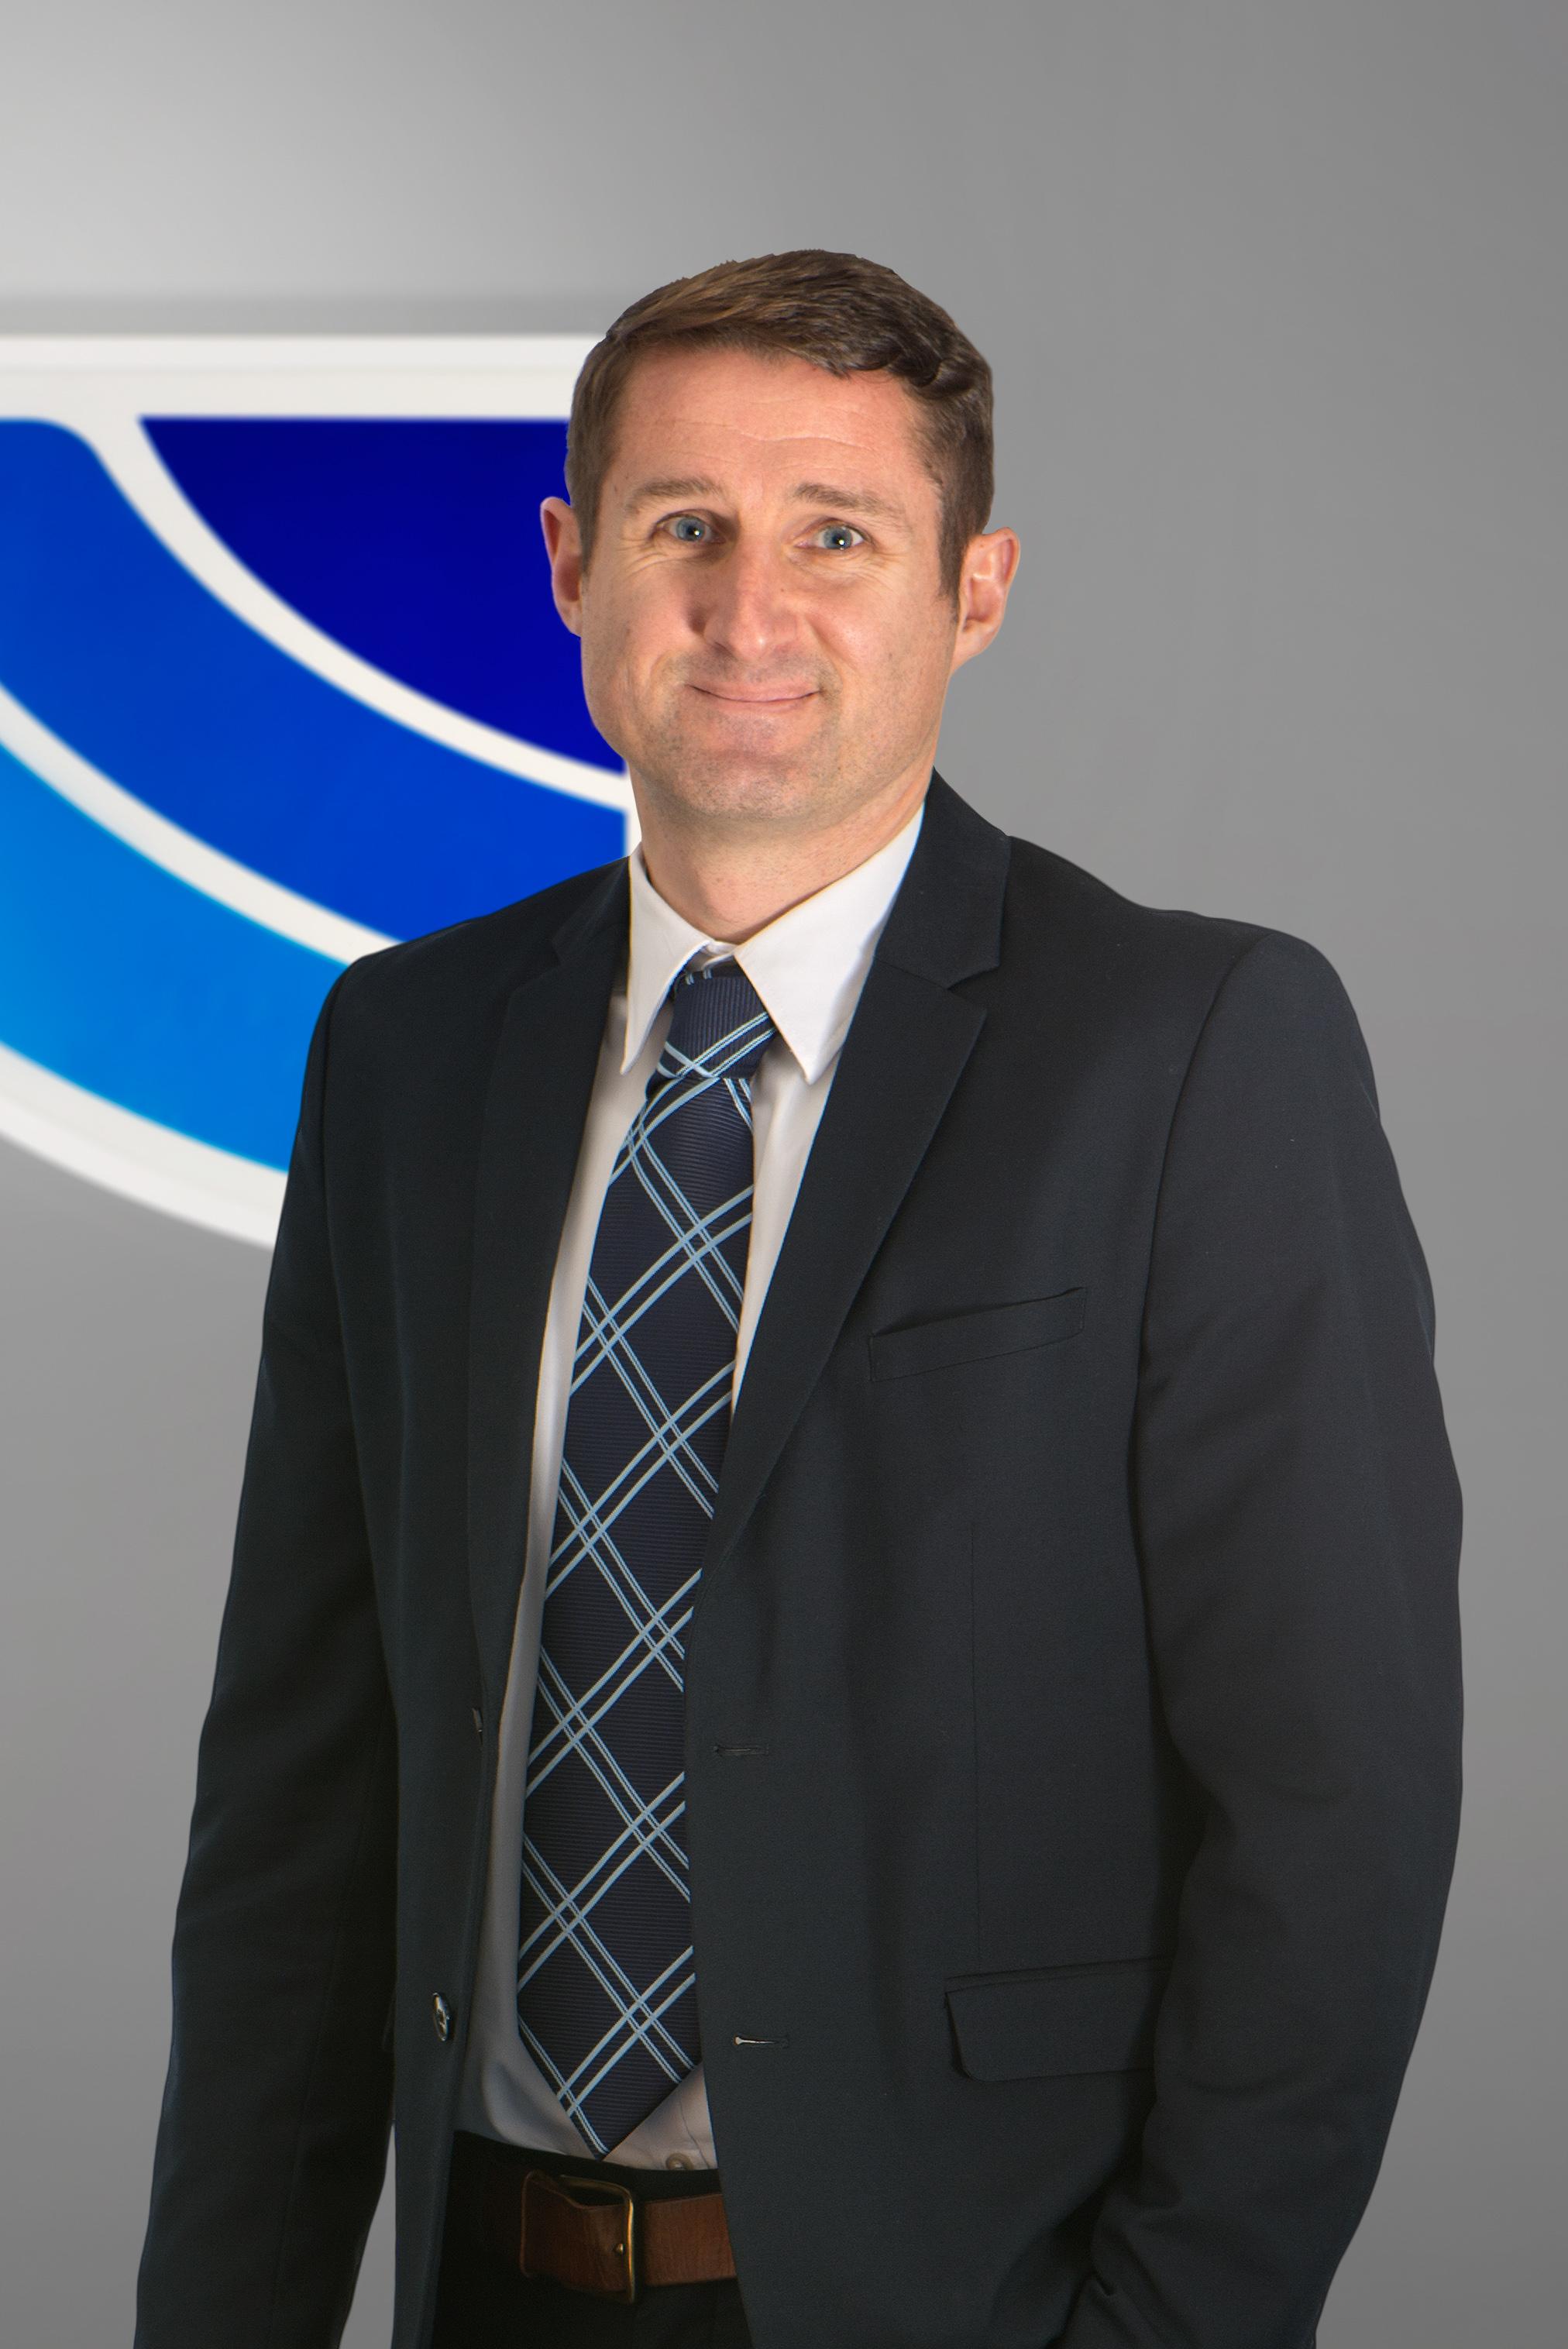 Ian Mallabone